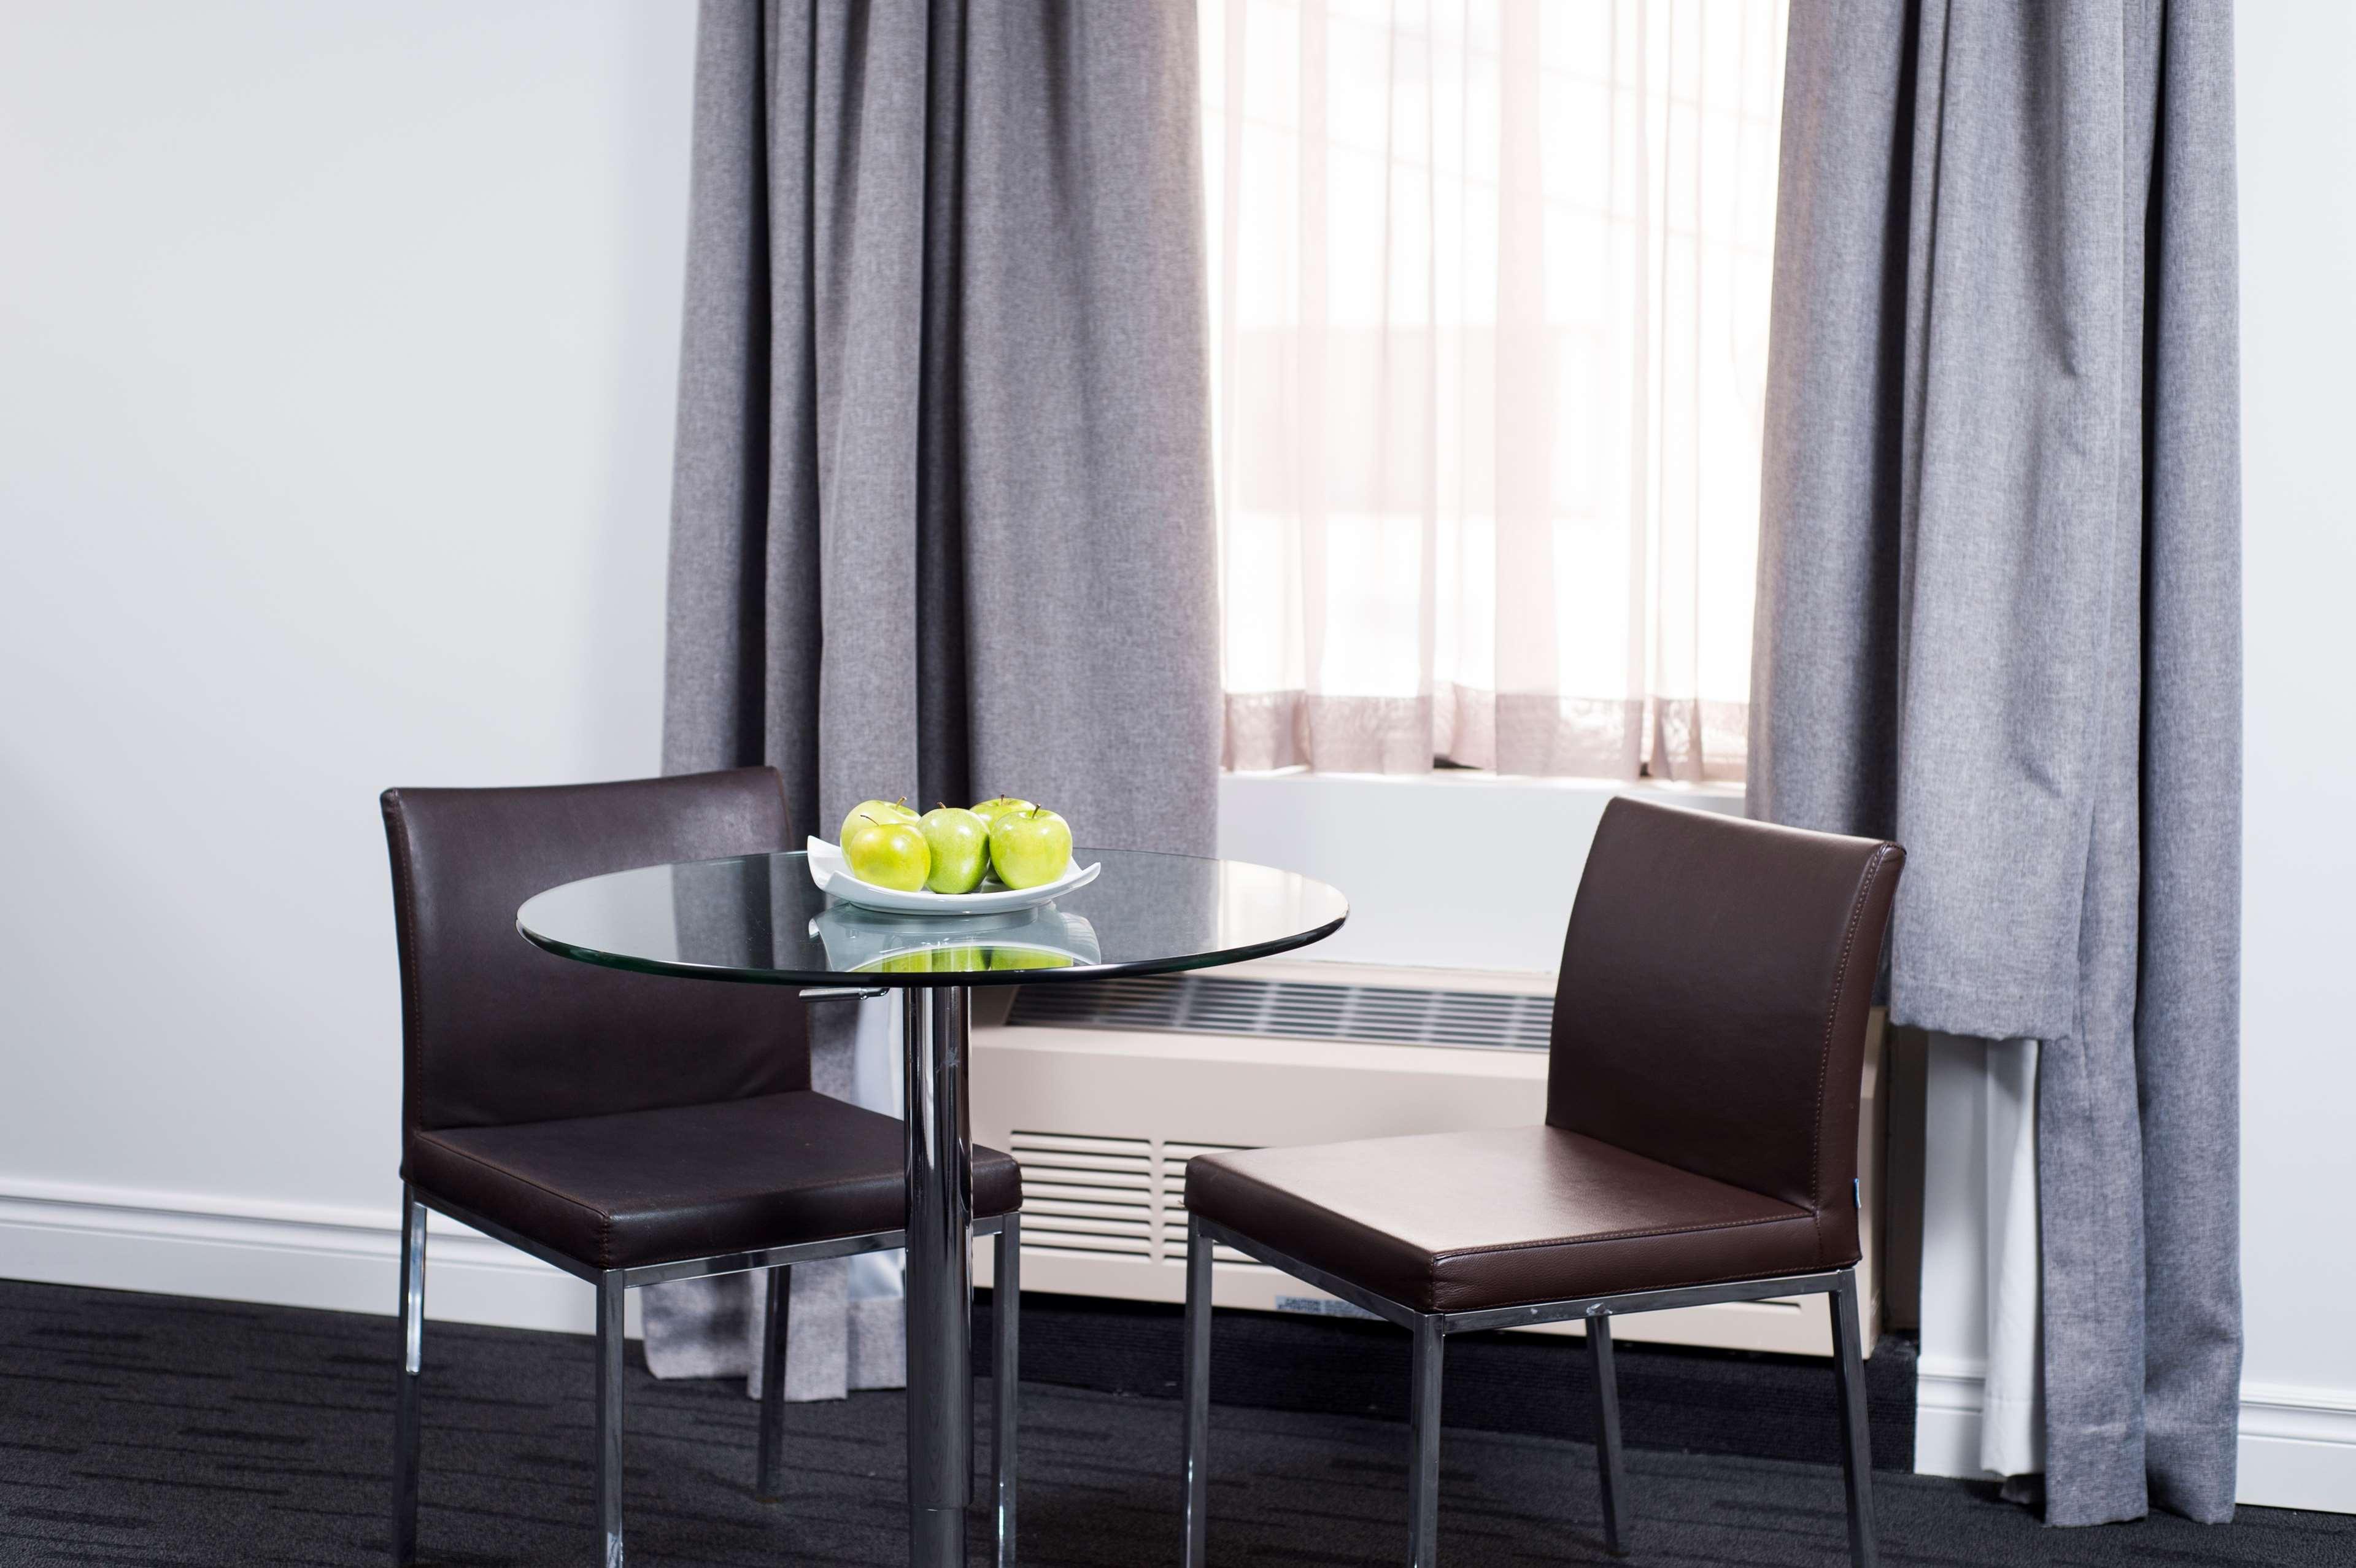 Best Western Plus Hotel Albert Rouyn-Noranda à Rouyn-Noranda: Suite - Dinnig area